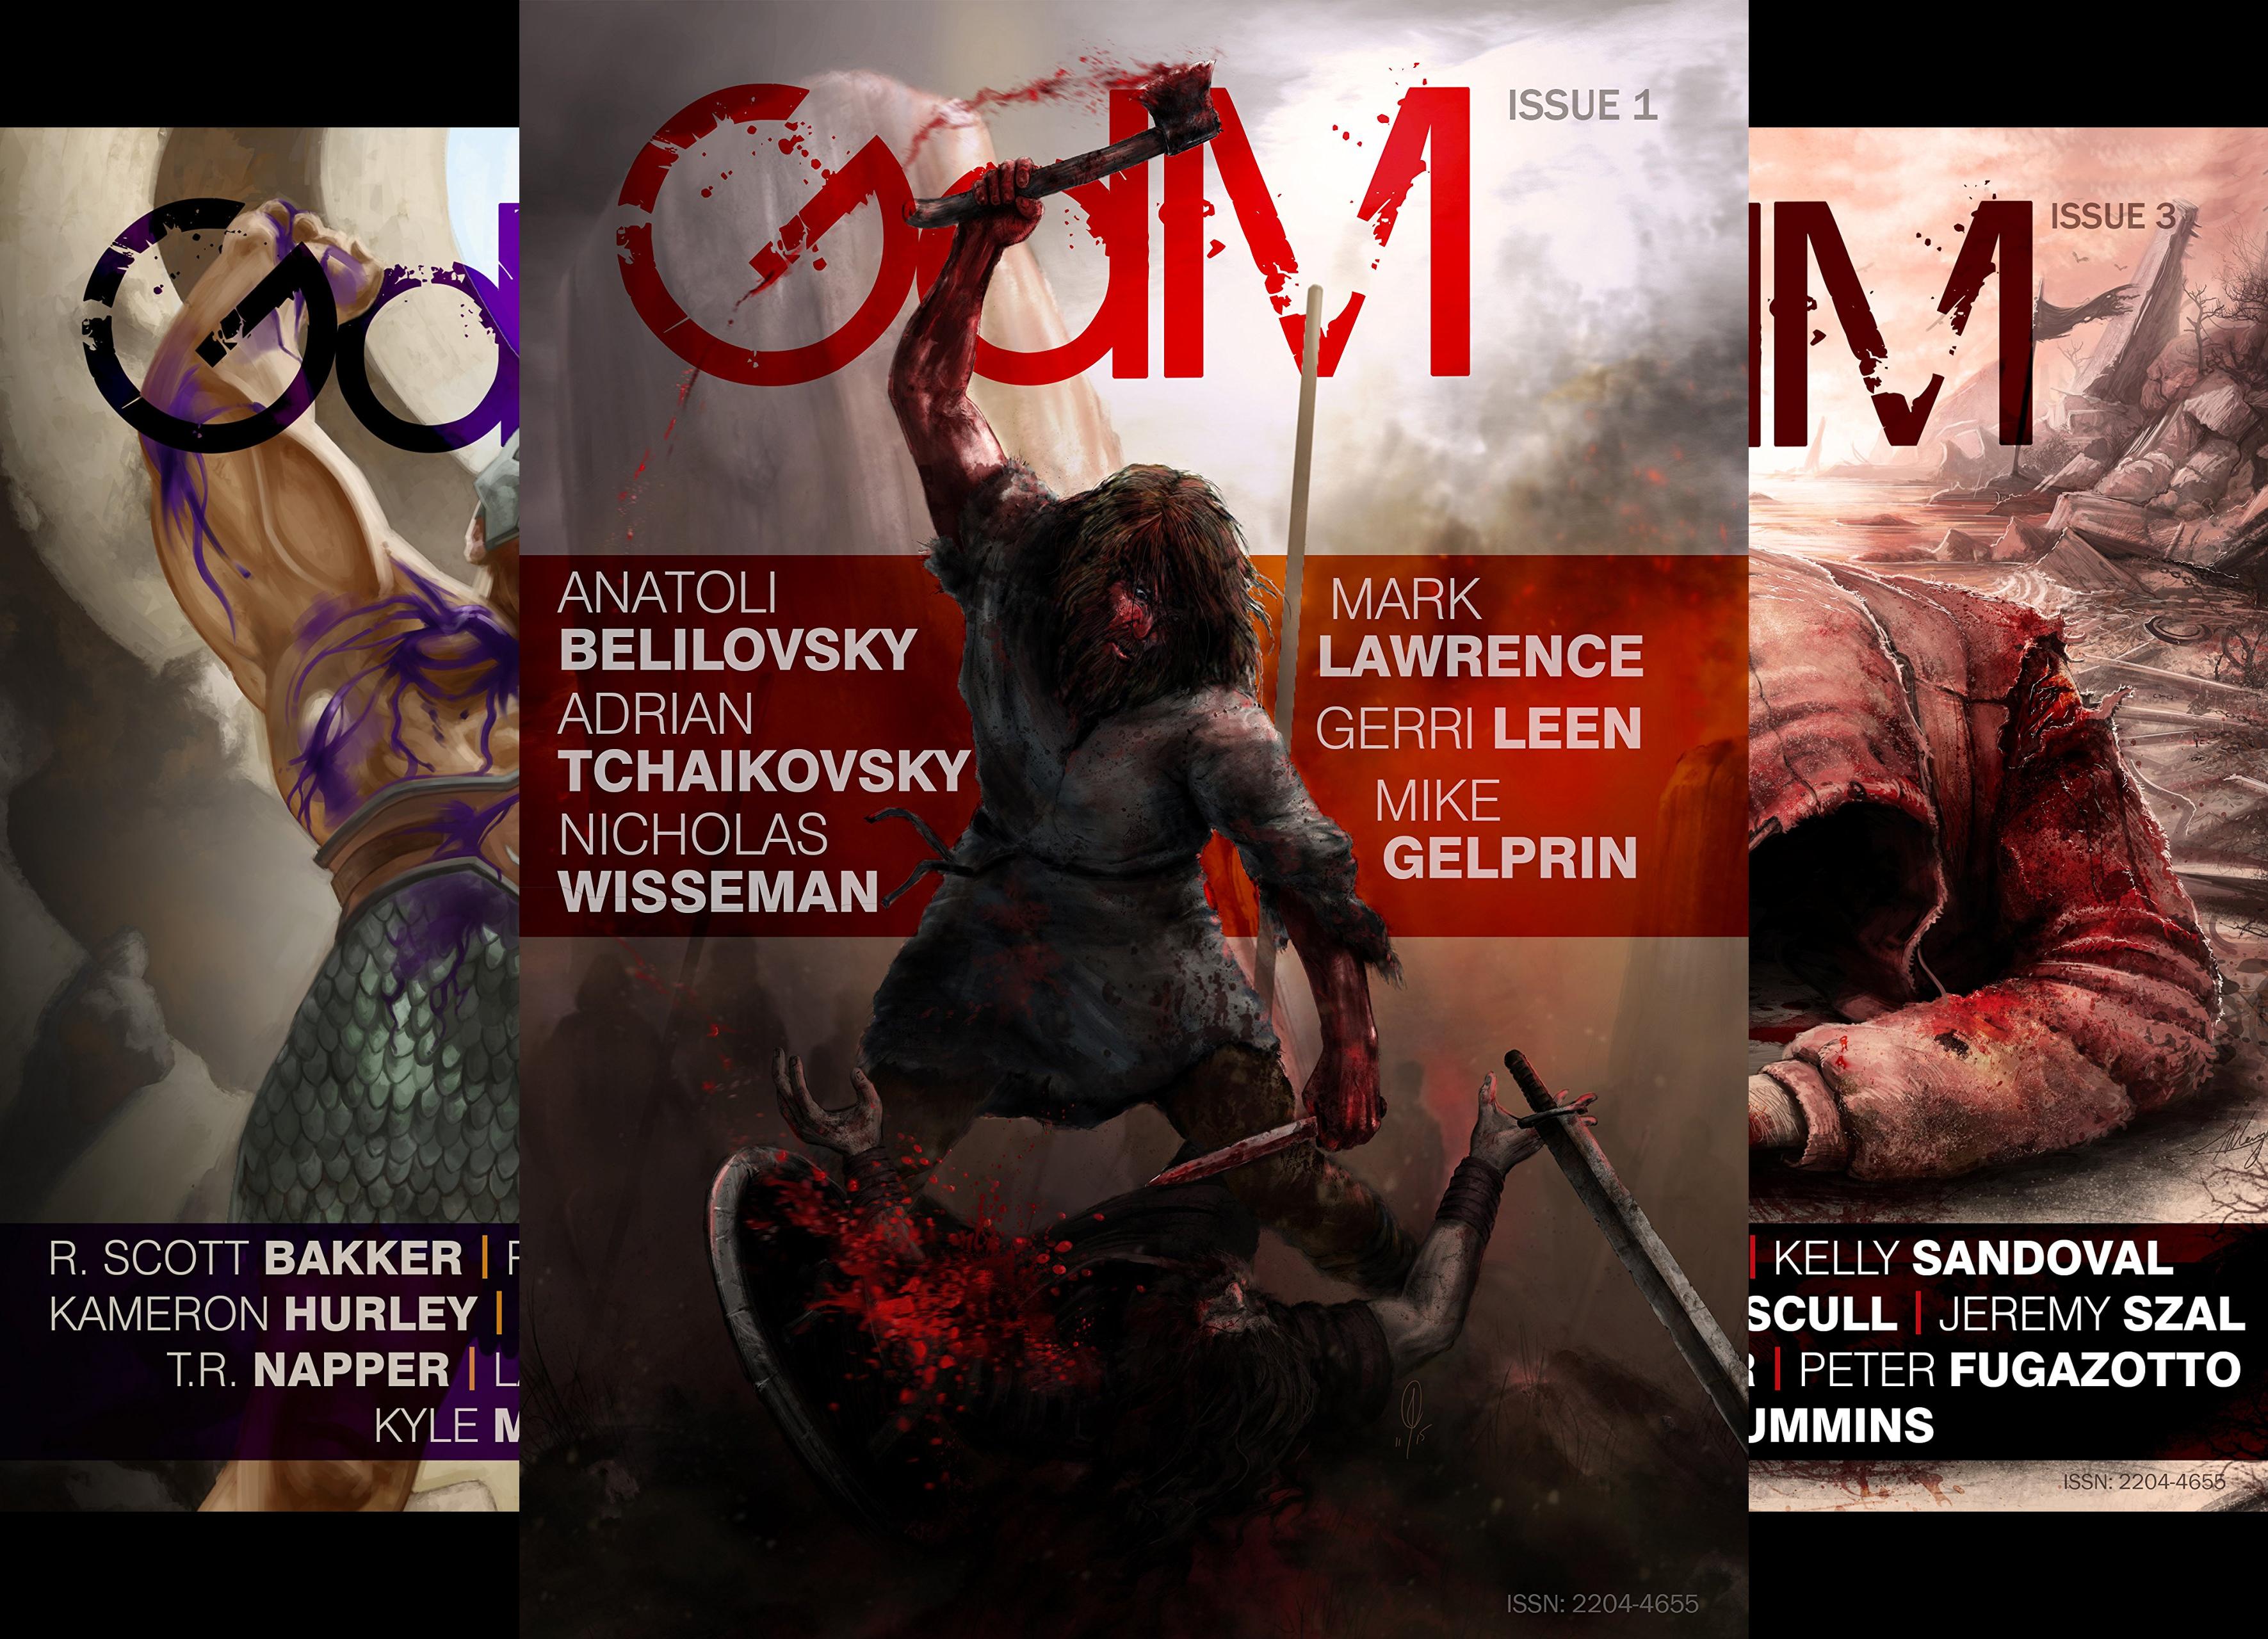 grimdark-magazine-10-book-series